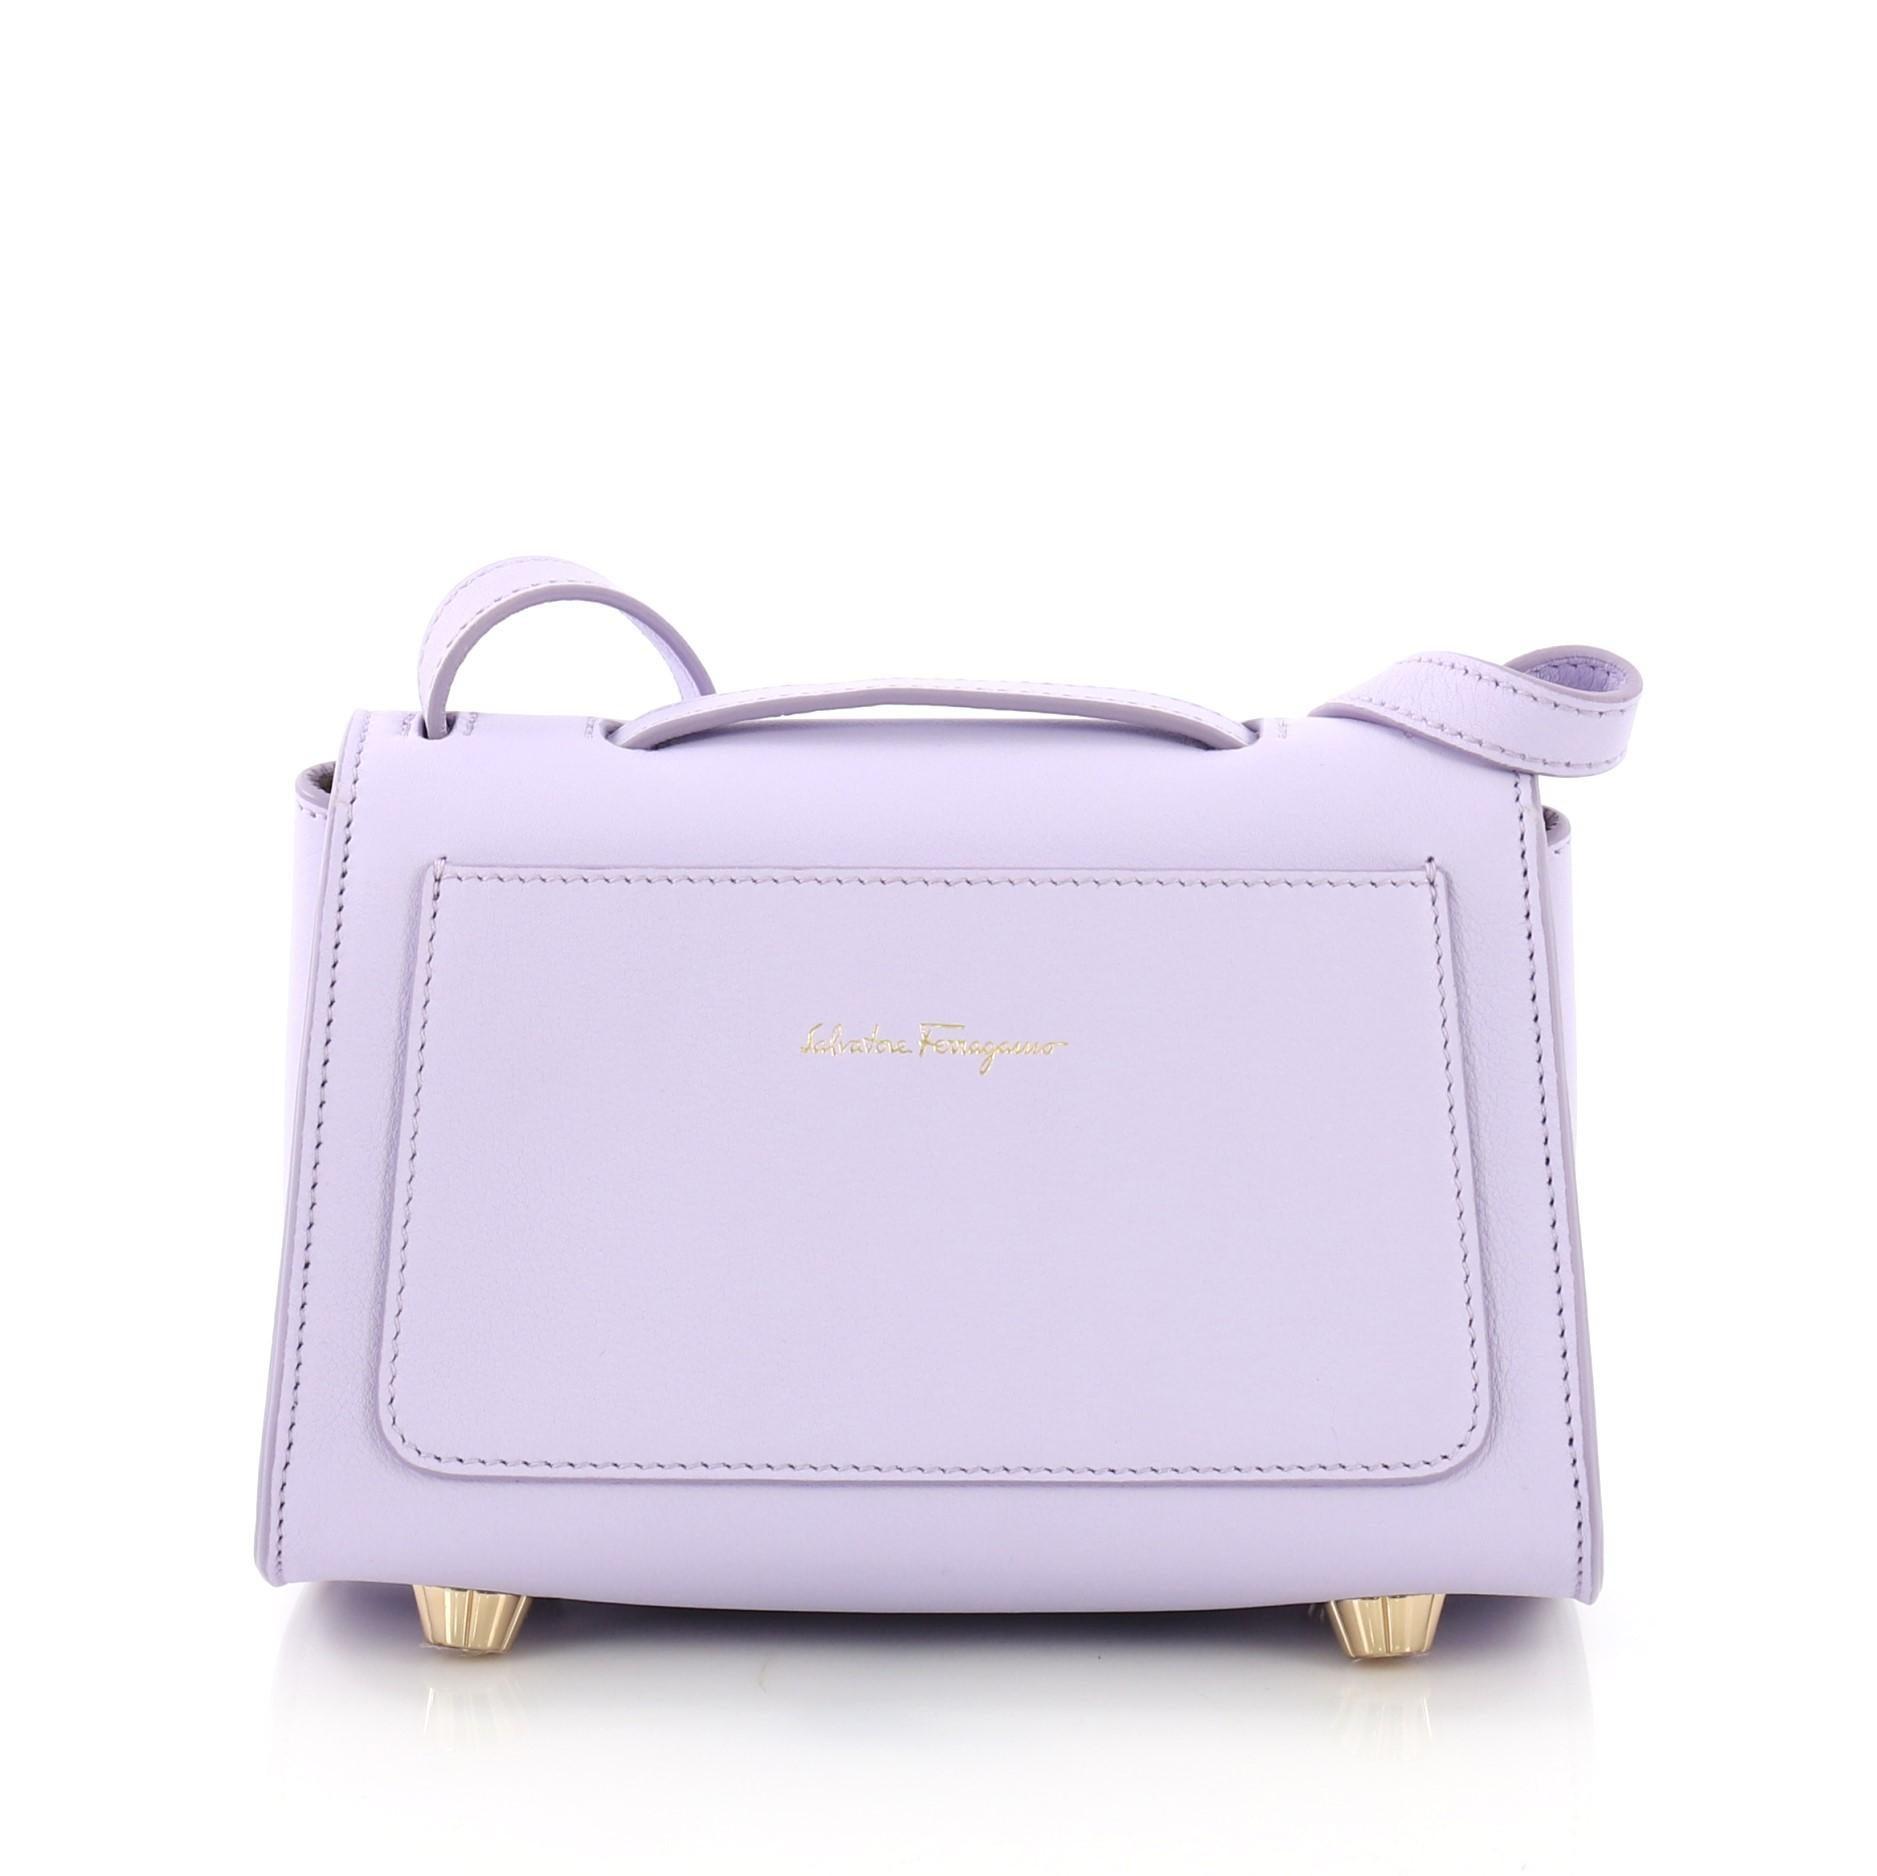 733dc90a1f Salvatore Ferragamo Stella Crossbody Bag Leather Mini For Sale at 1stdibs